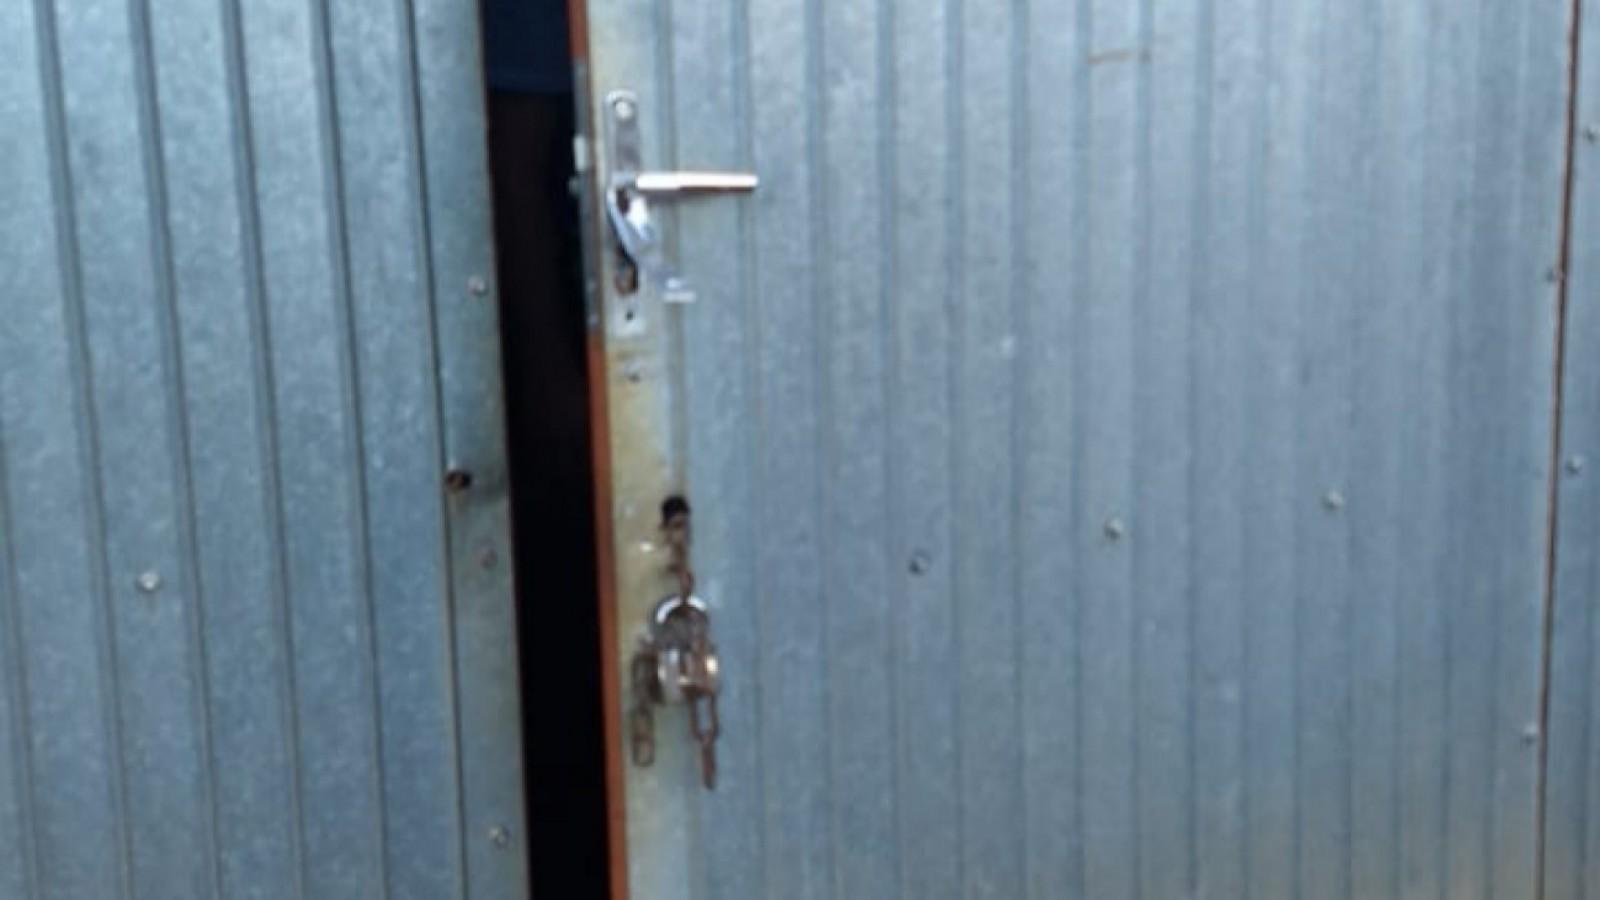 b326f2bb22 Rádio Cristalina - Bandidos arrombam e furtam casas no interior de ...